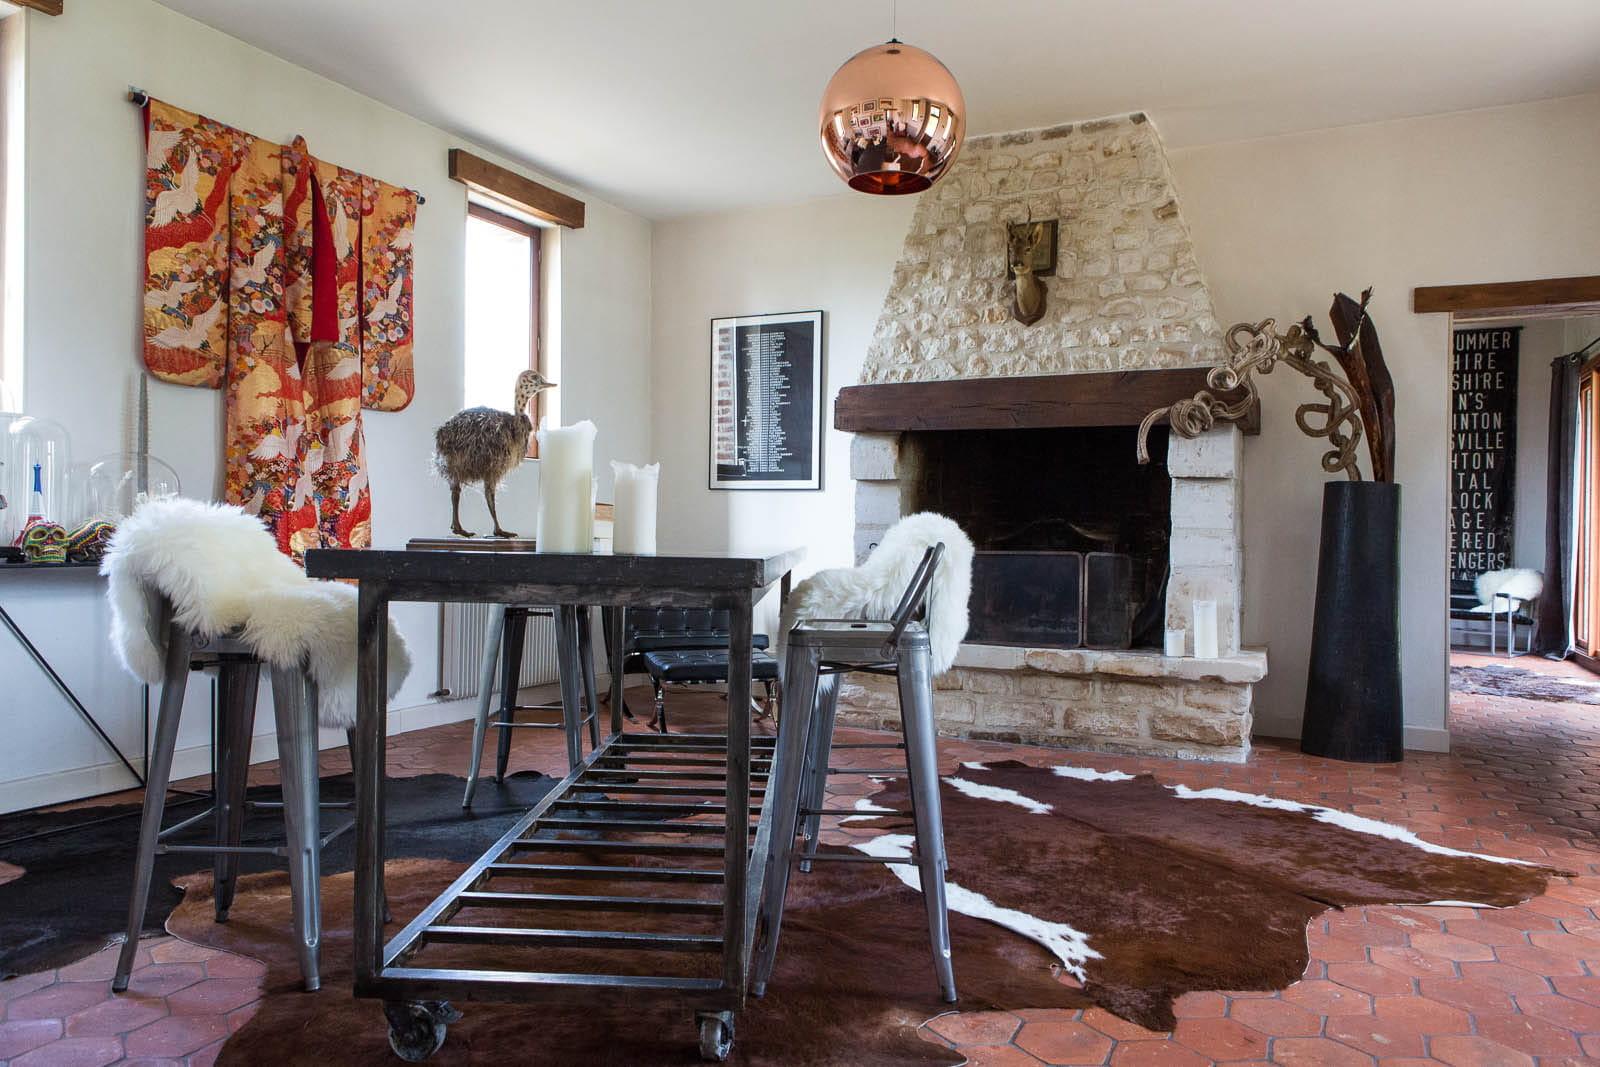 salle manger au kimono d co mix and match dans une ancienne curie journal des femmes. Black Bedroom Furniture Sets. Home Design Ideas